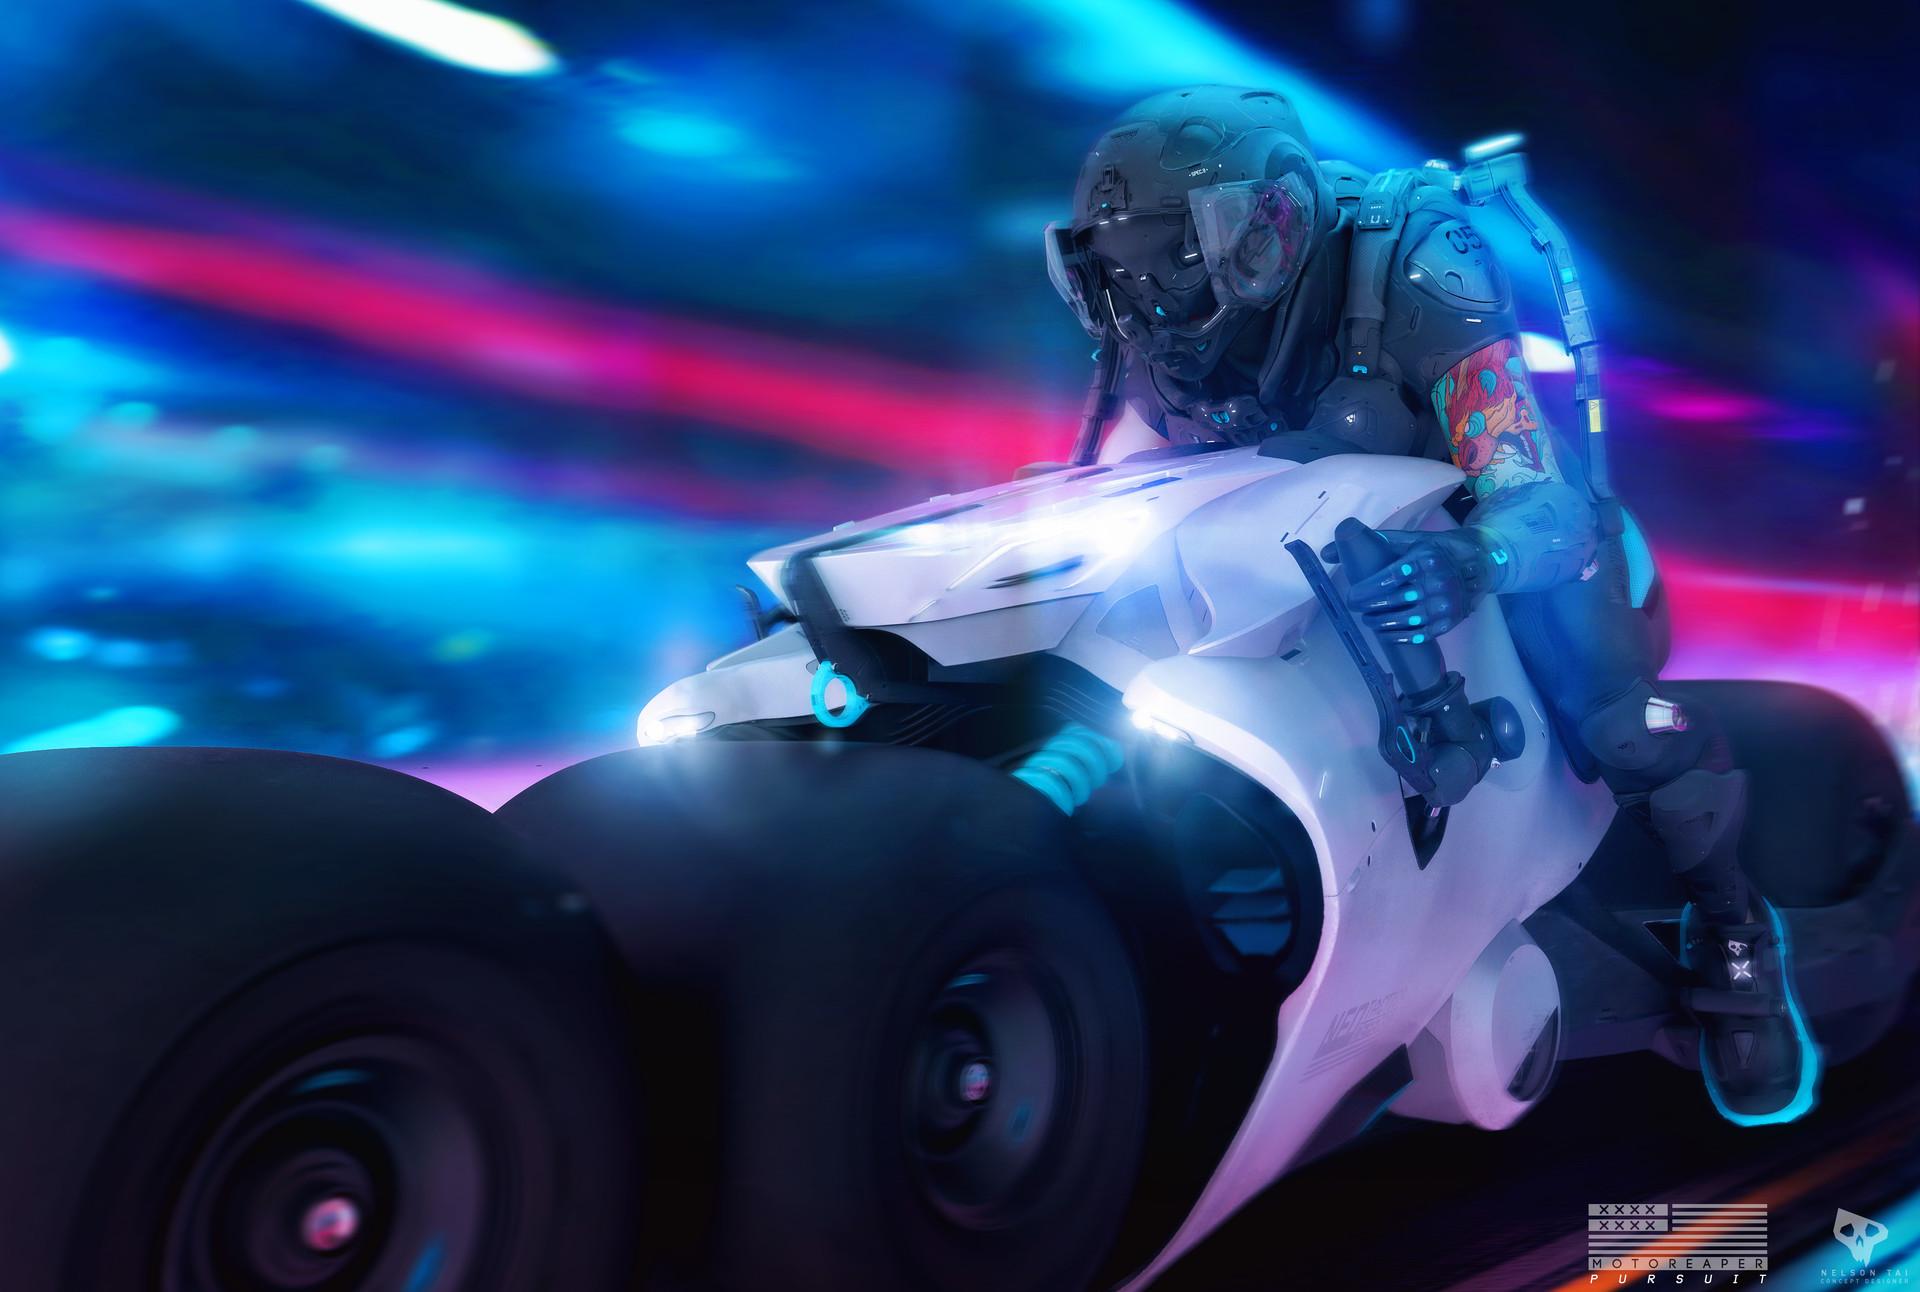 Nelson tai motoreaper dsgn pursuit 002a